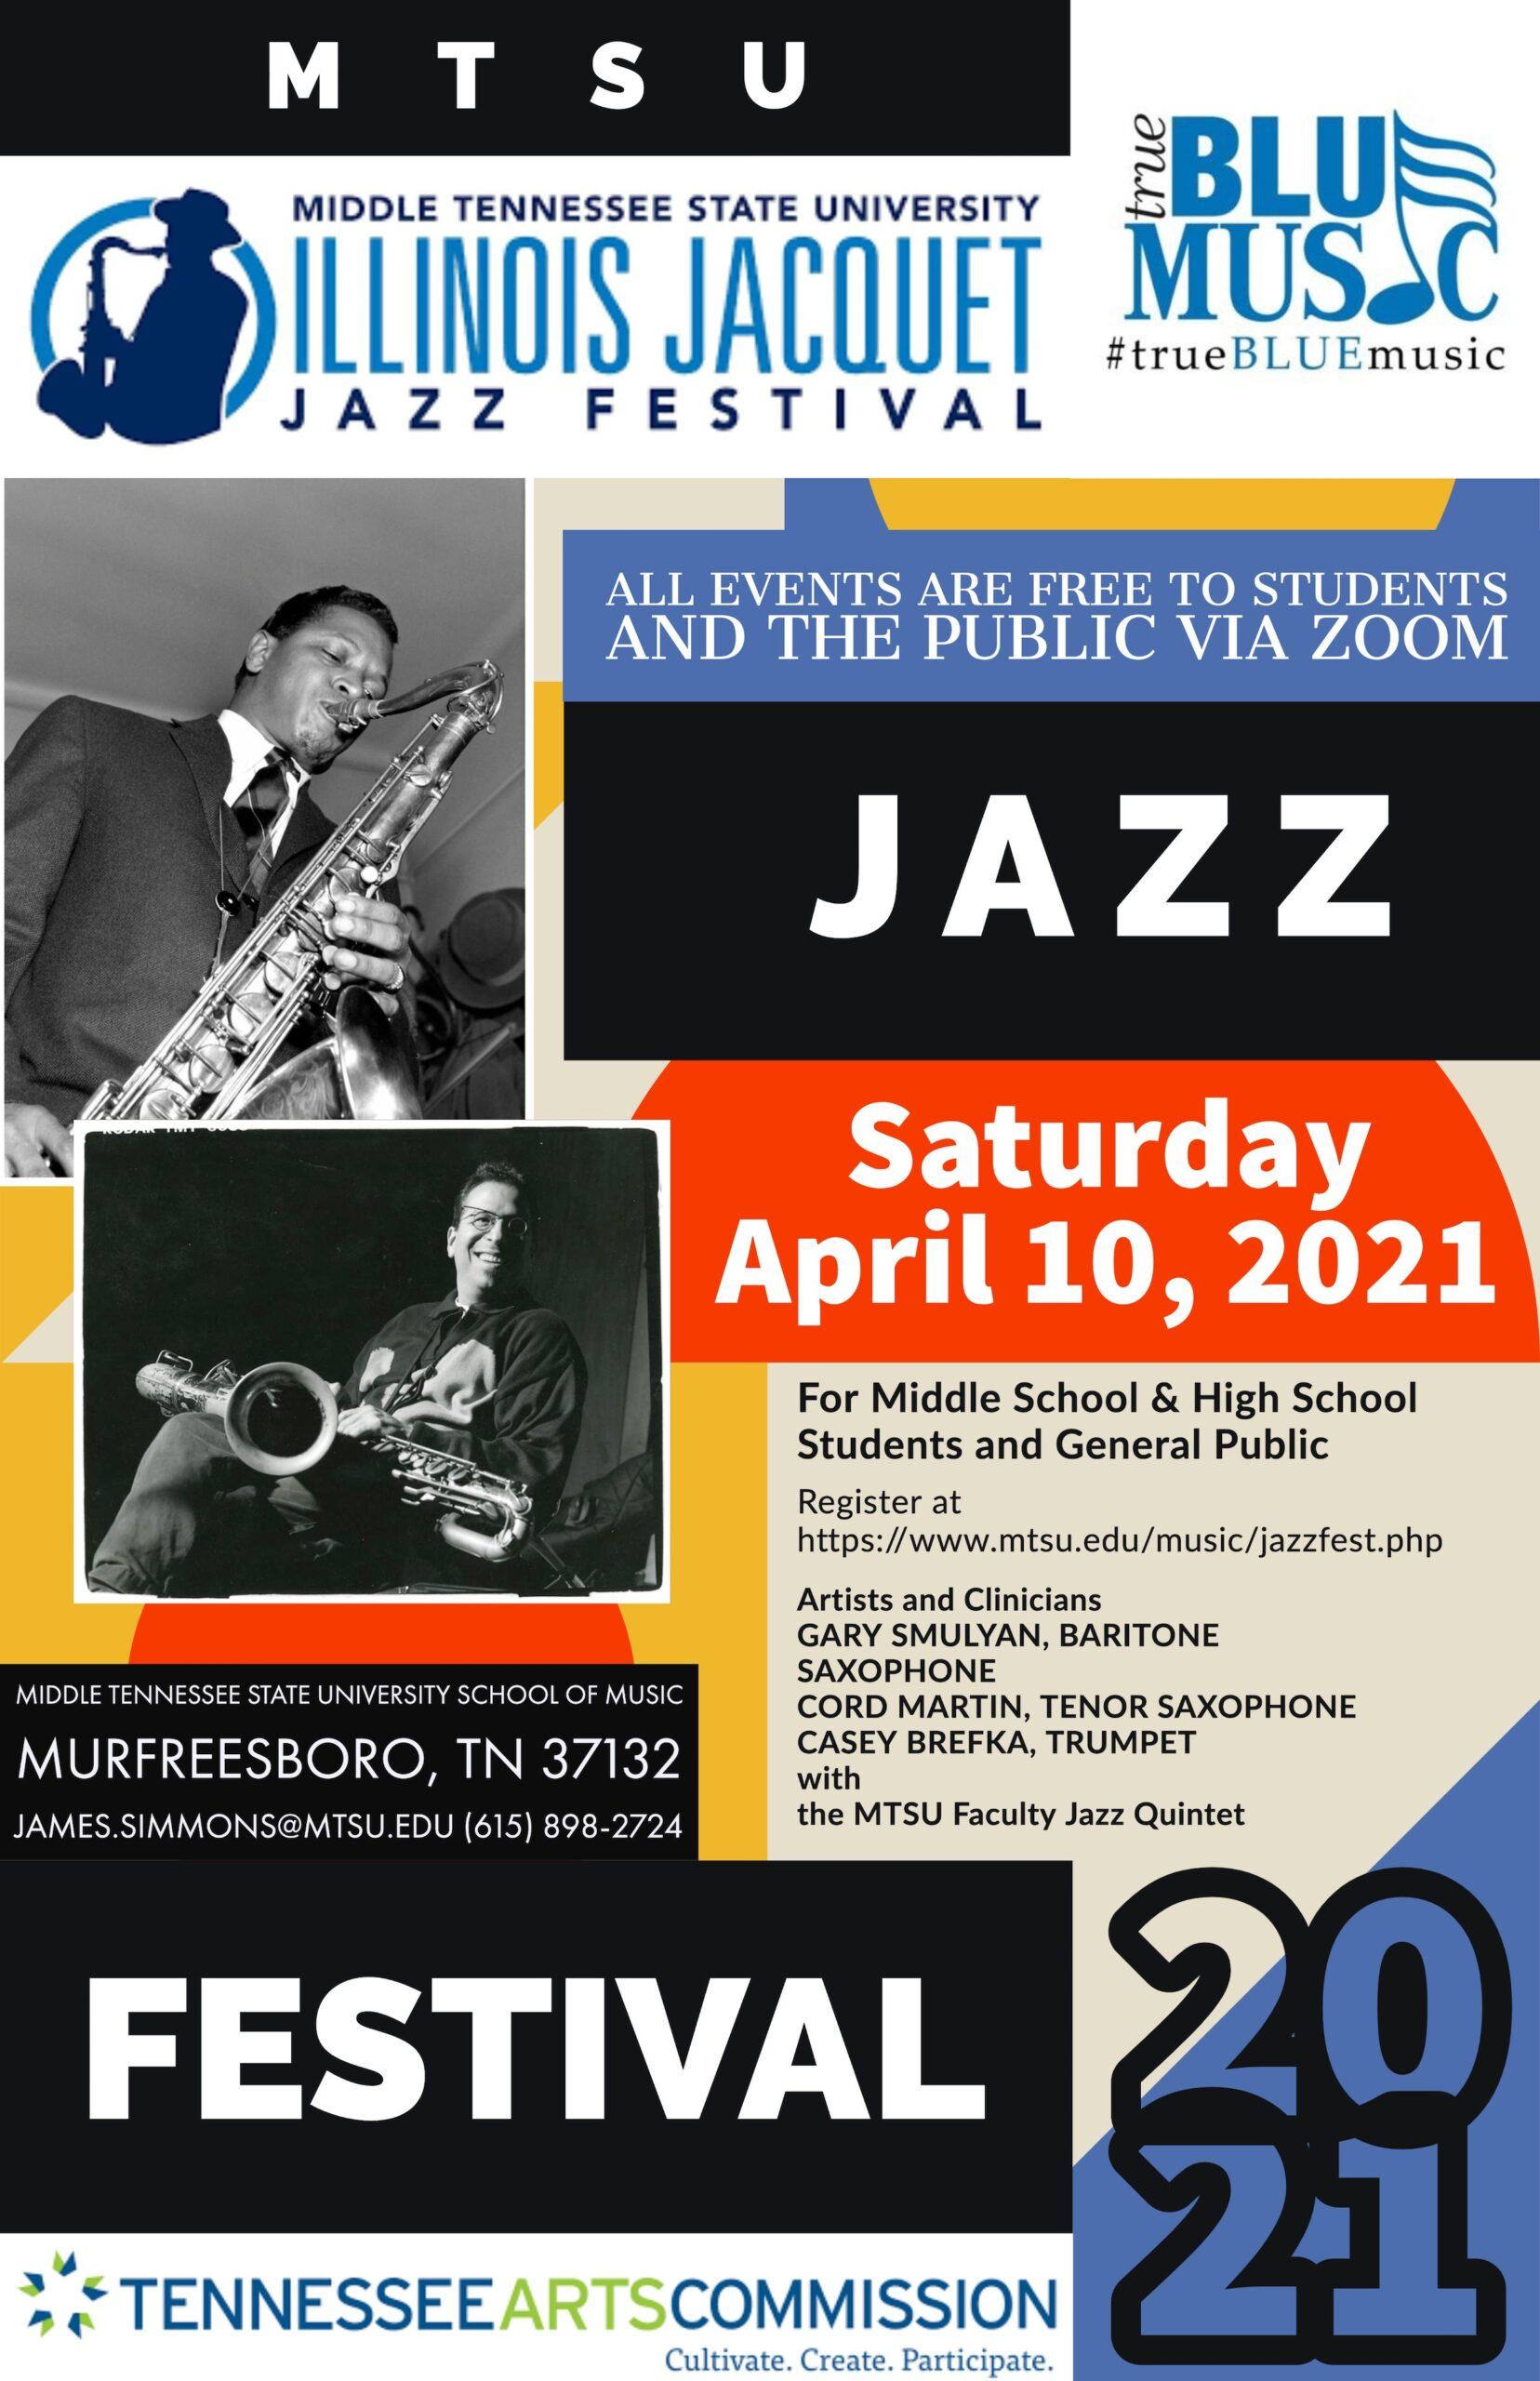 MTSU Illinois Jacquet Jazz Festival